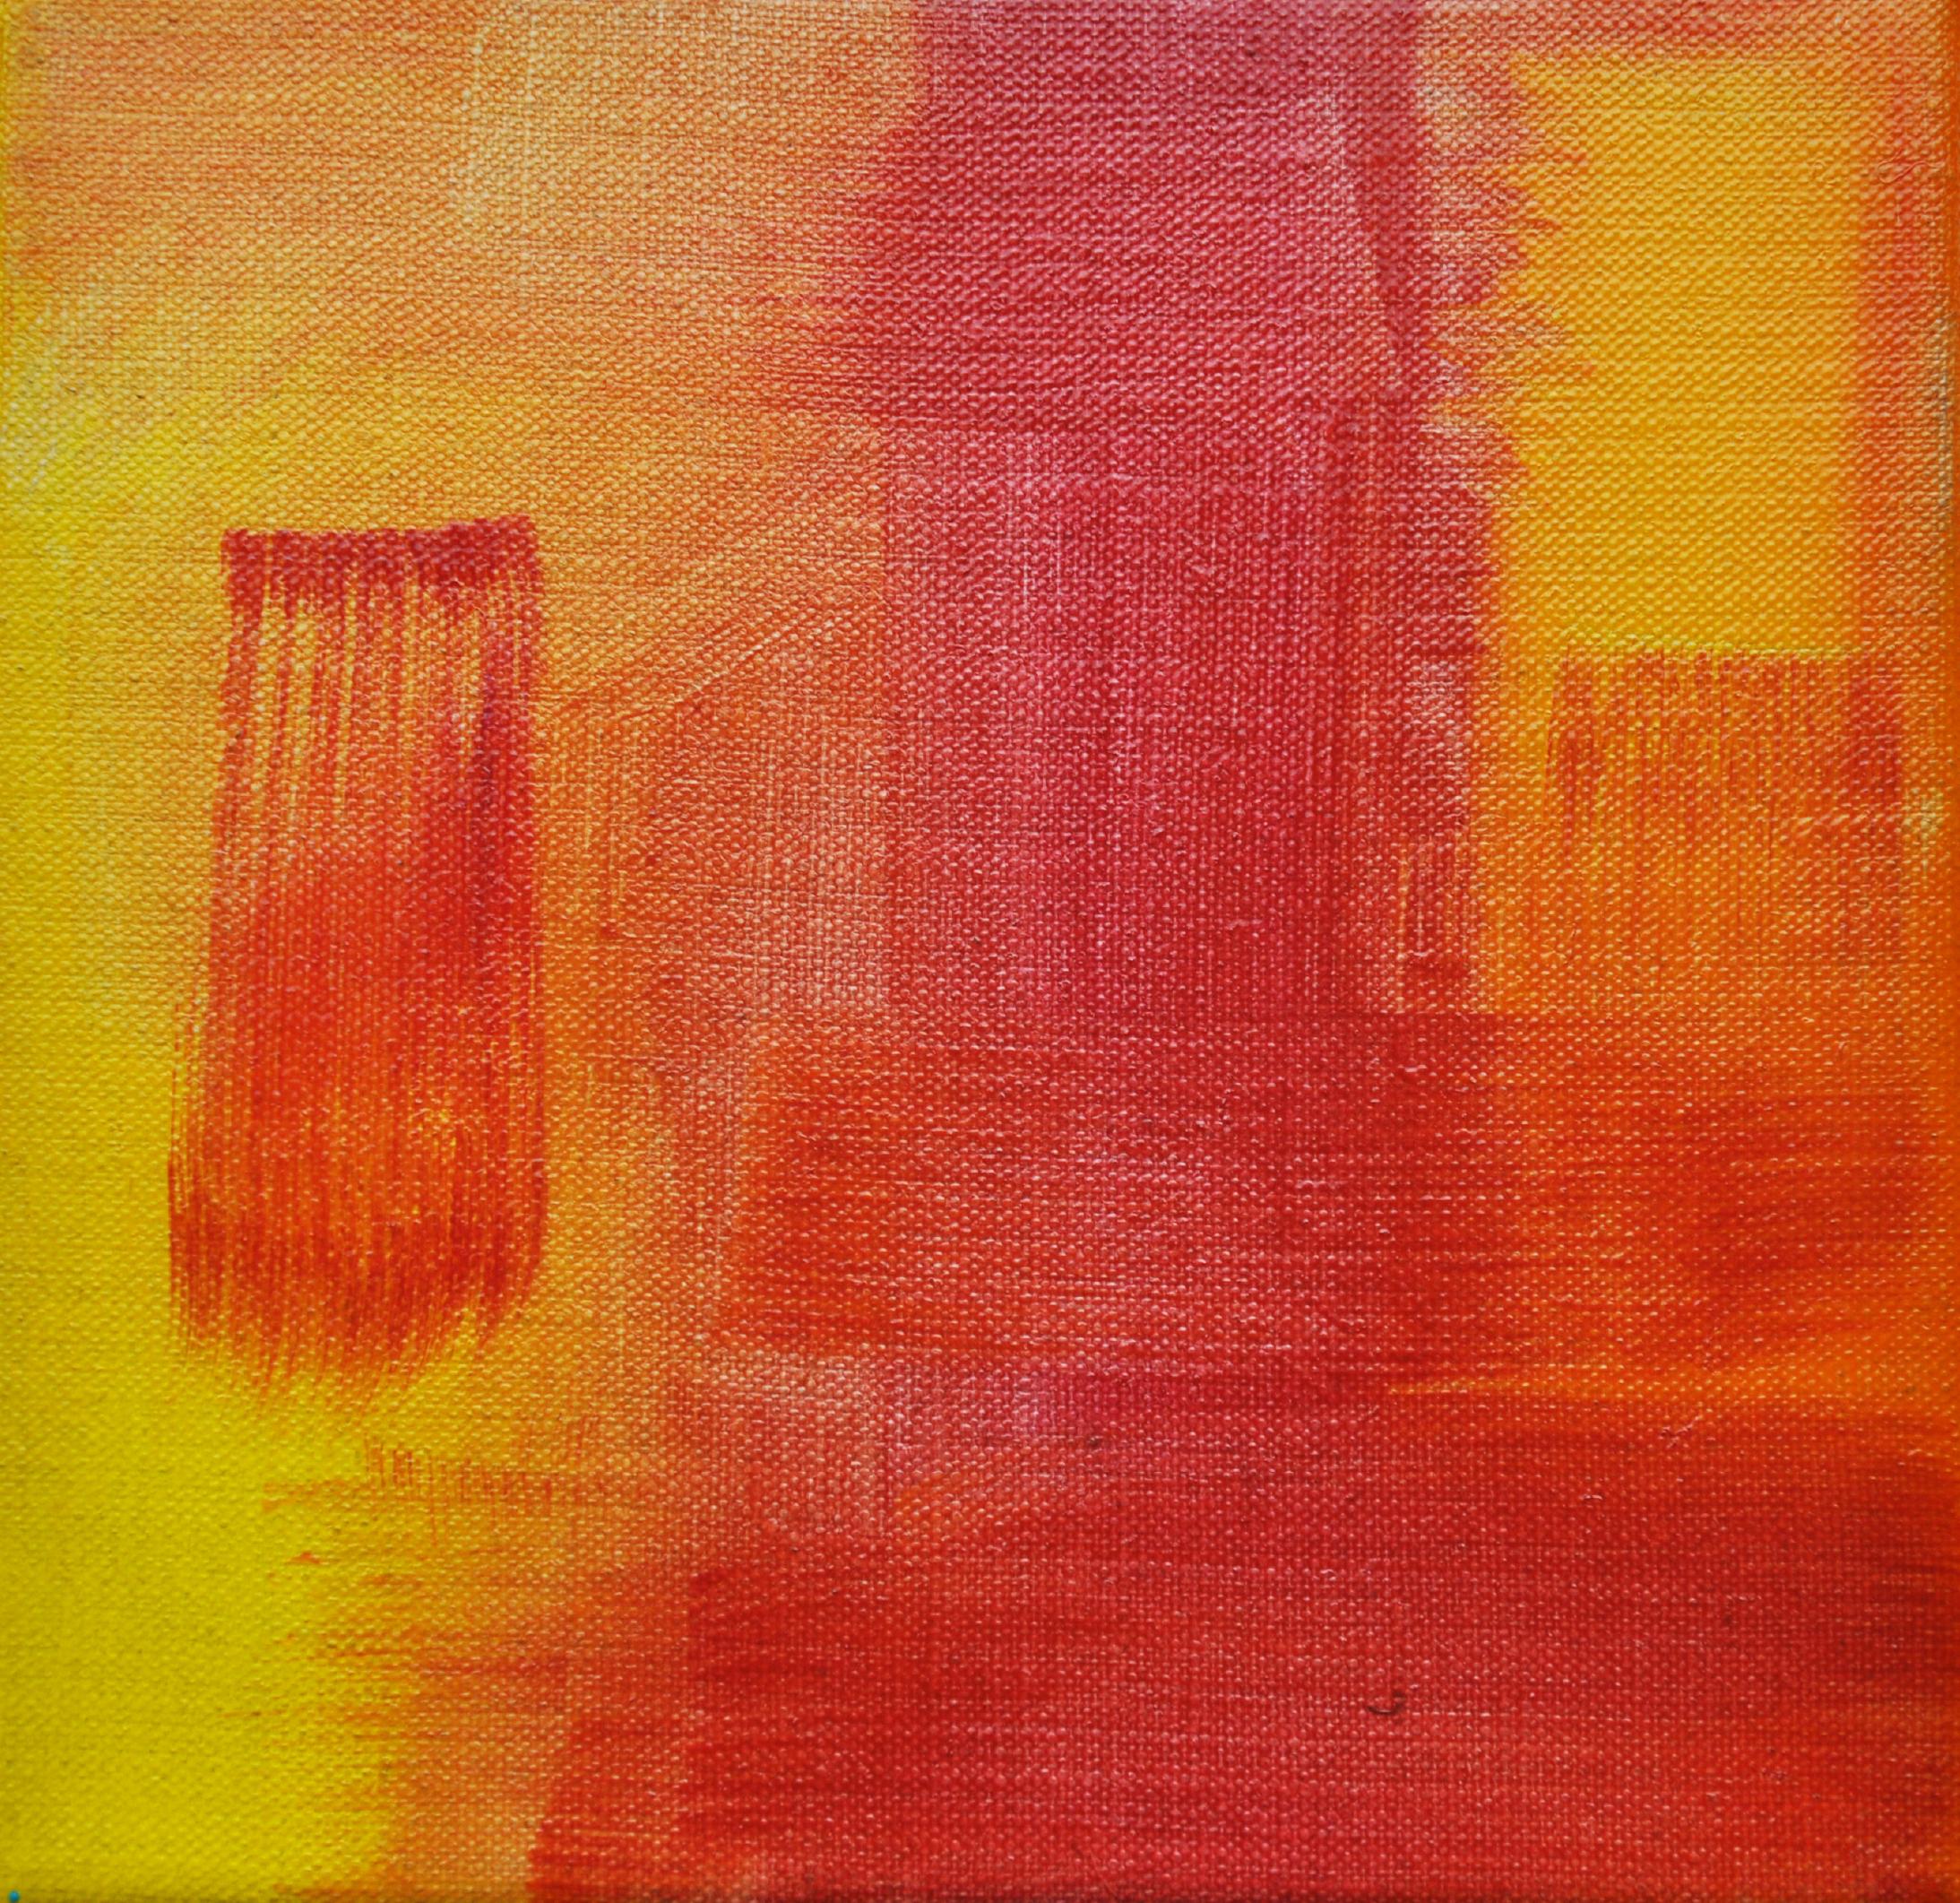 oil paintings 10 of 12.jpg